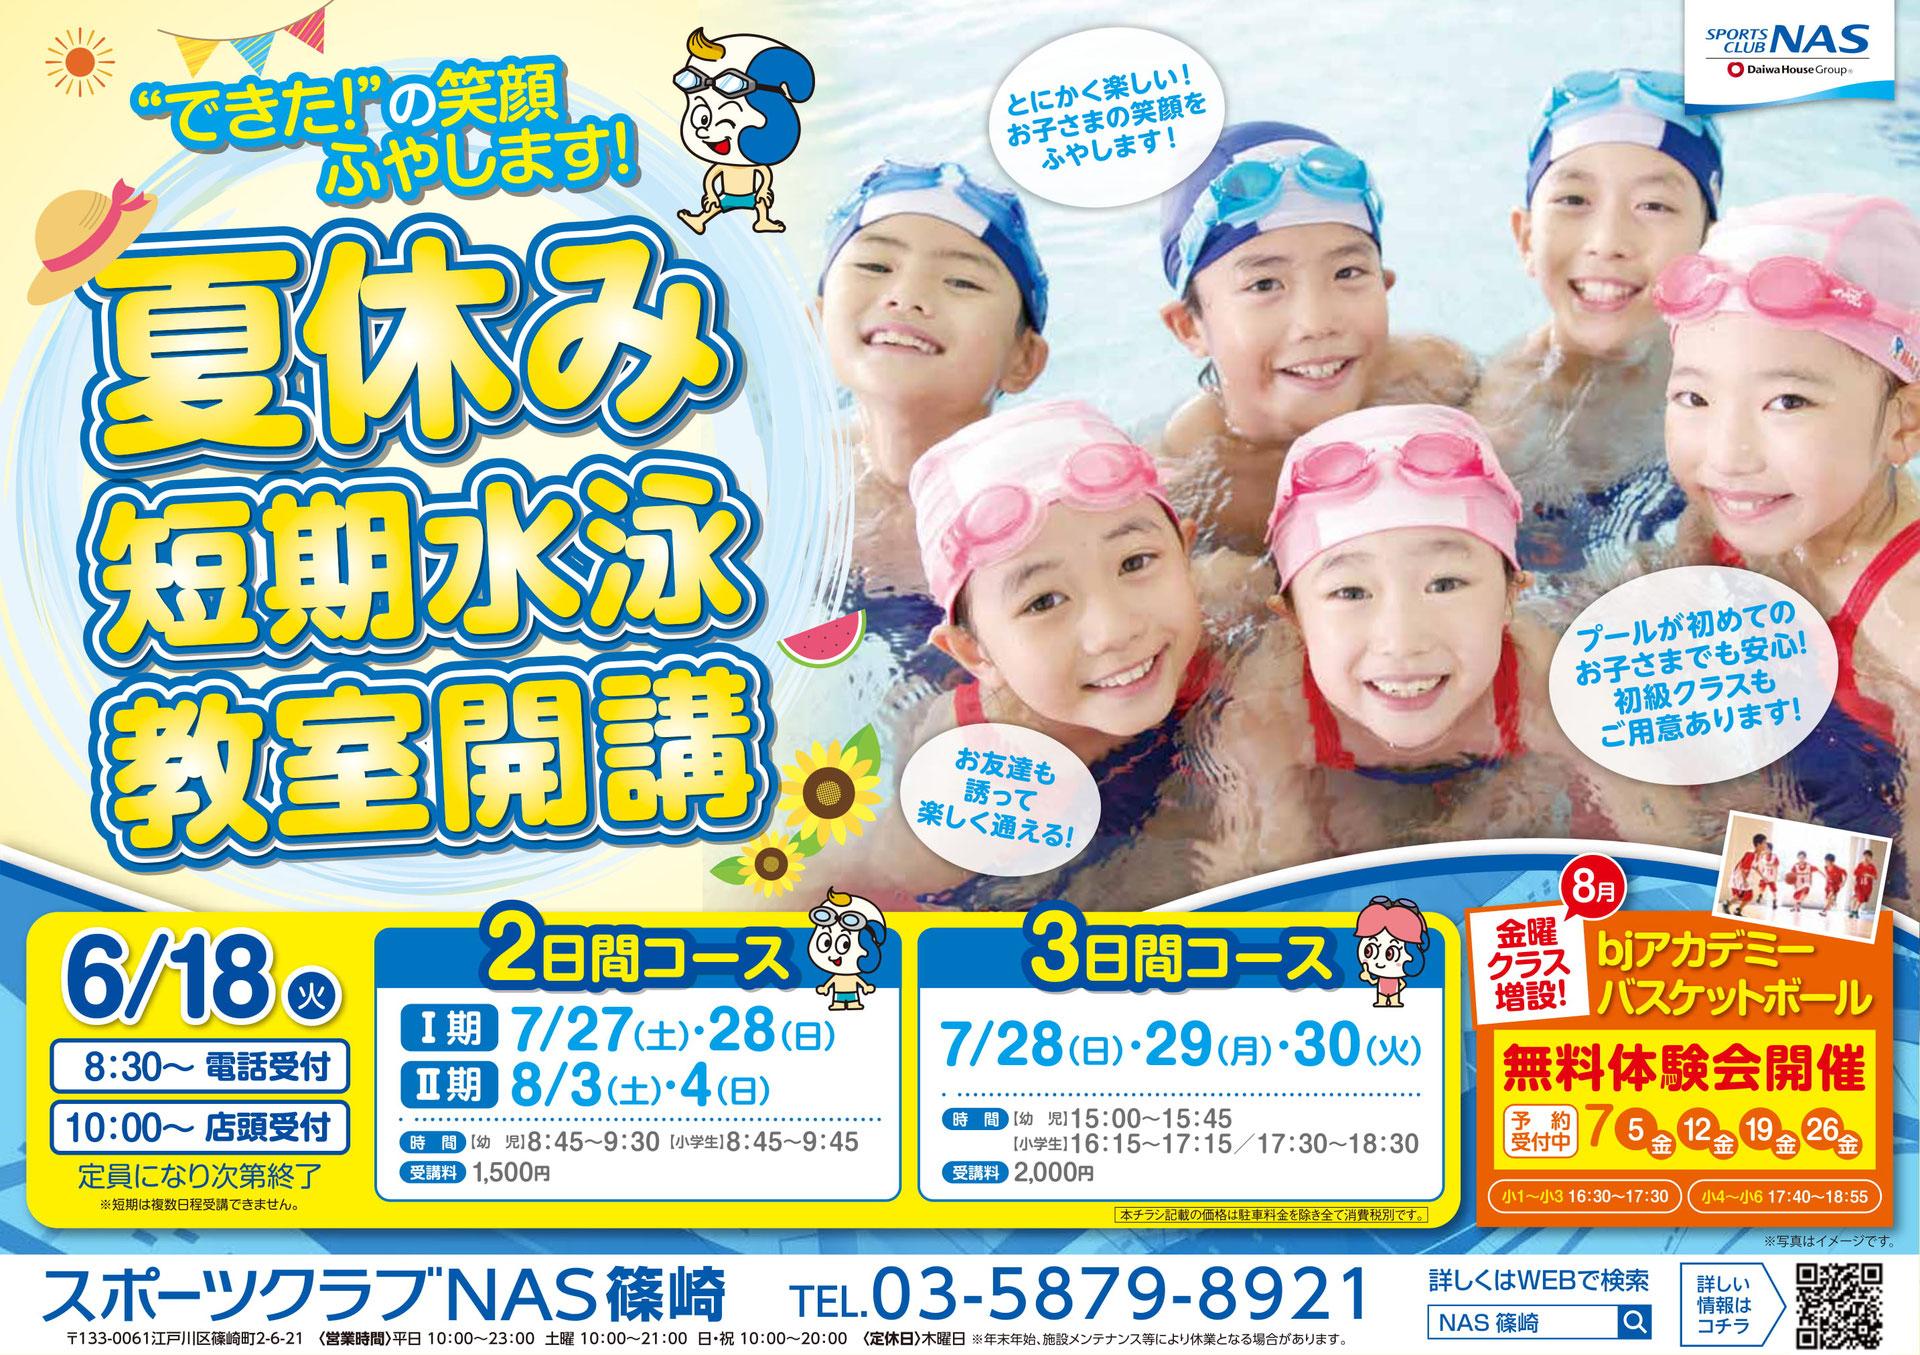 【スクール情報】スポーツクラブNAS篠崎 バスケットボール ...